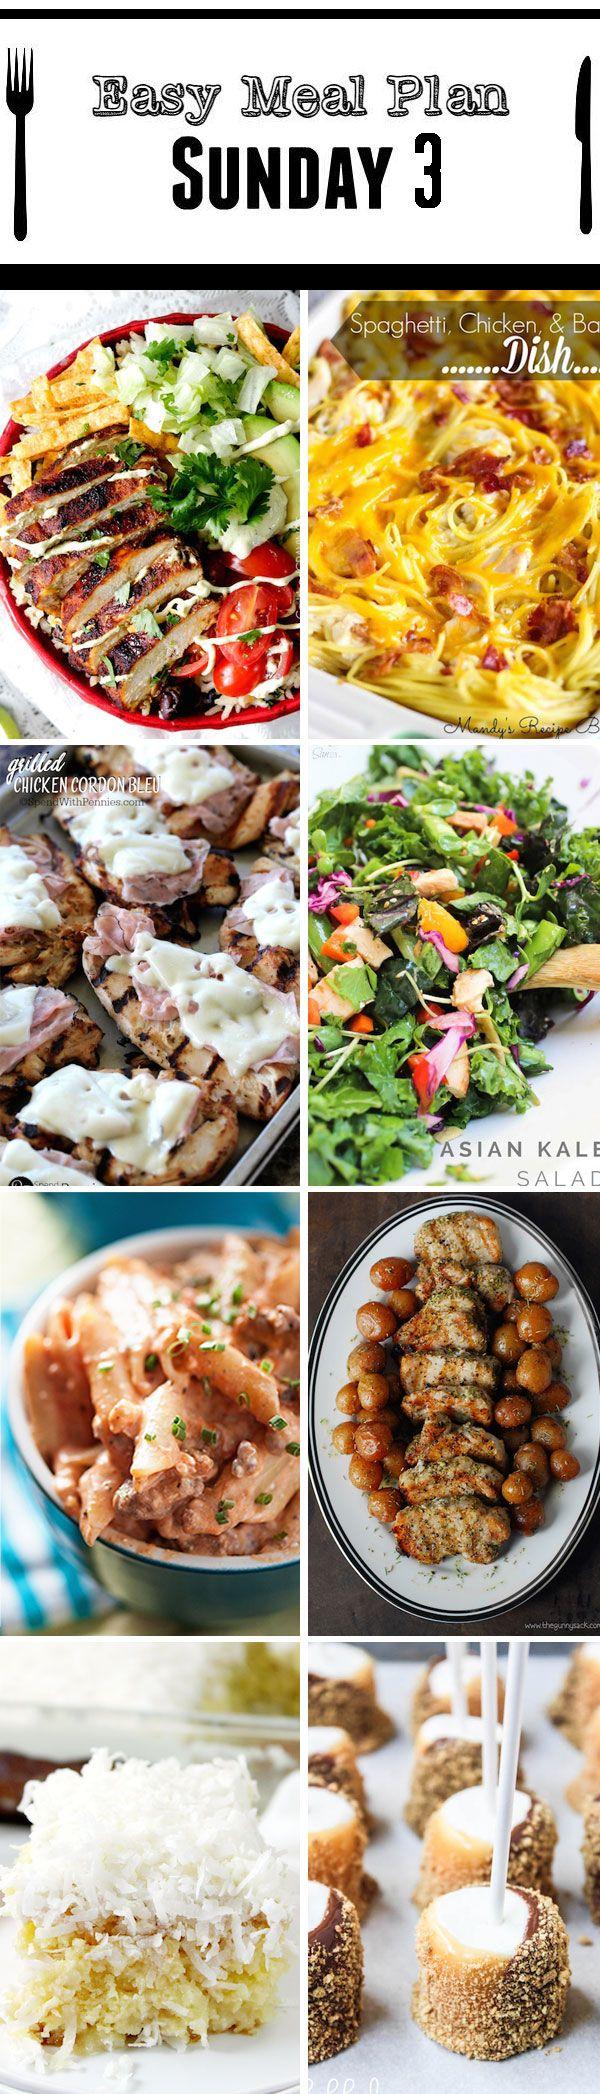 Easy Meal Plan Sunday #3   mandysrecipeboxblog.com